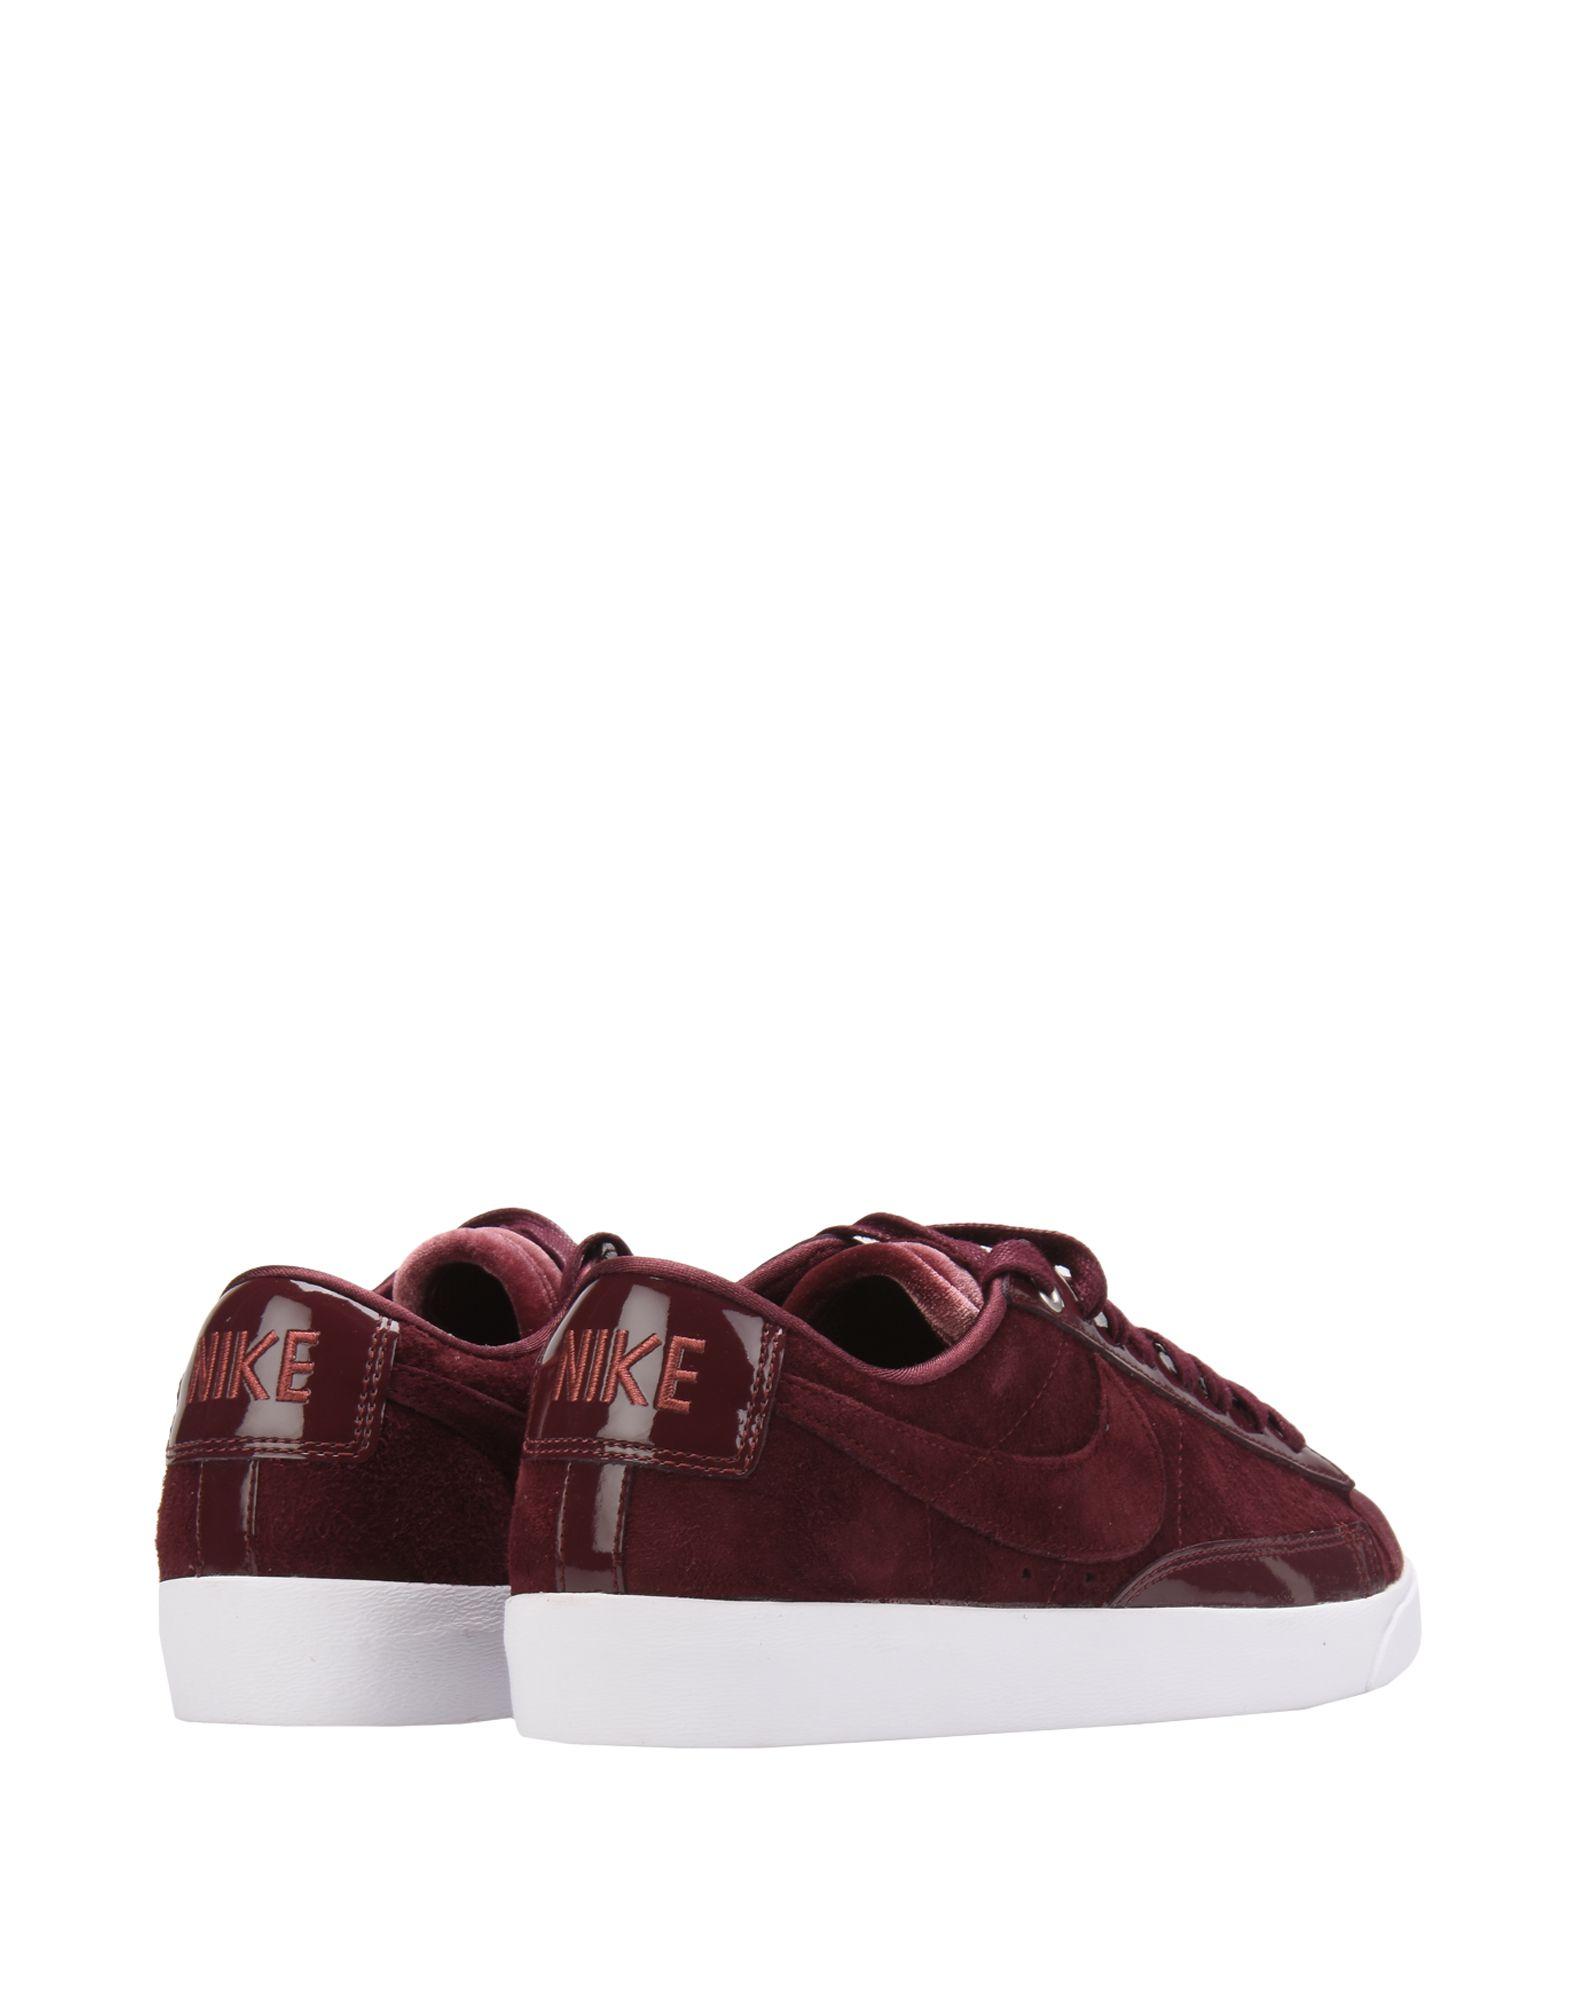 Sneakers Nike W Blazer Low Lx - Femme - Sneakers Nike sur